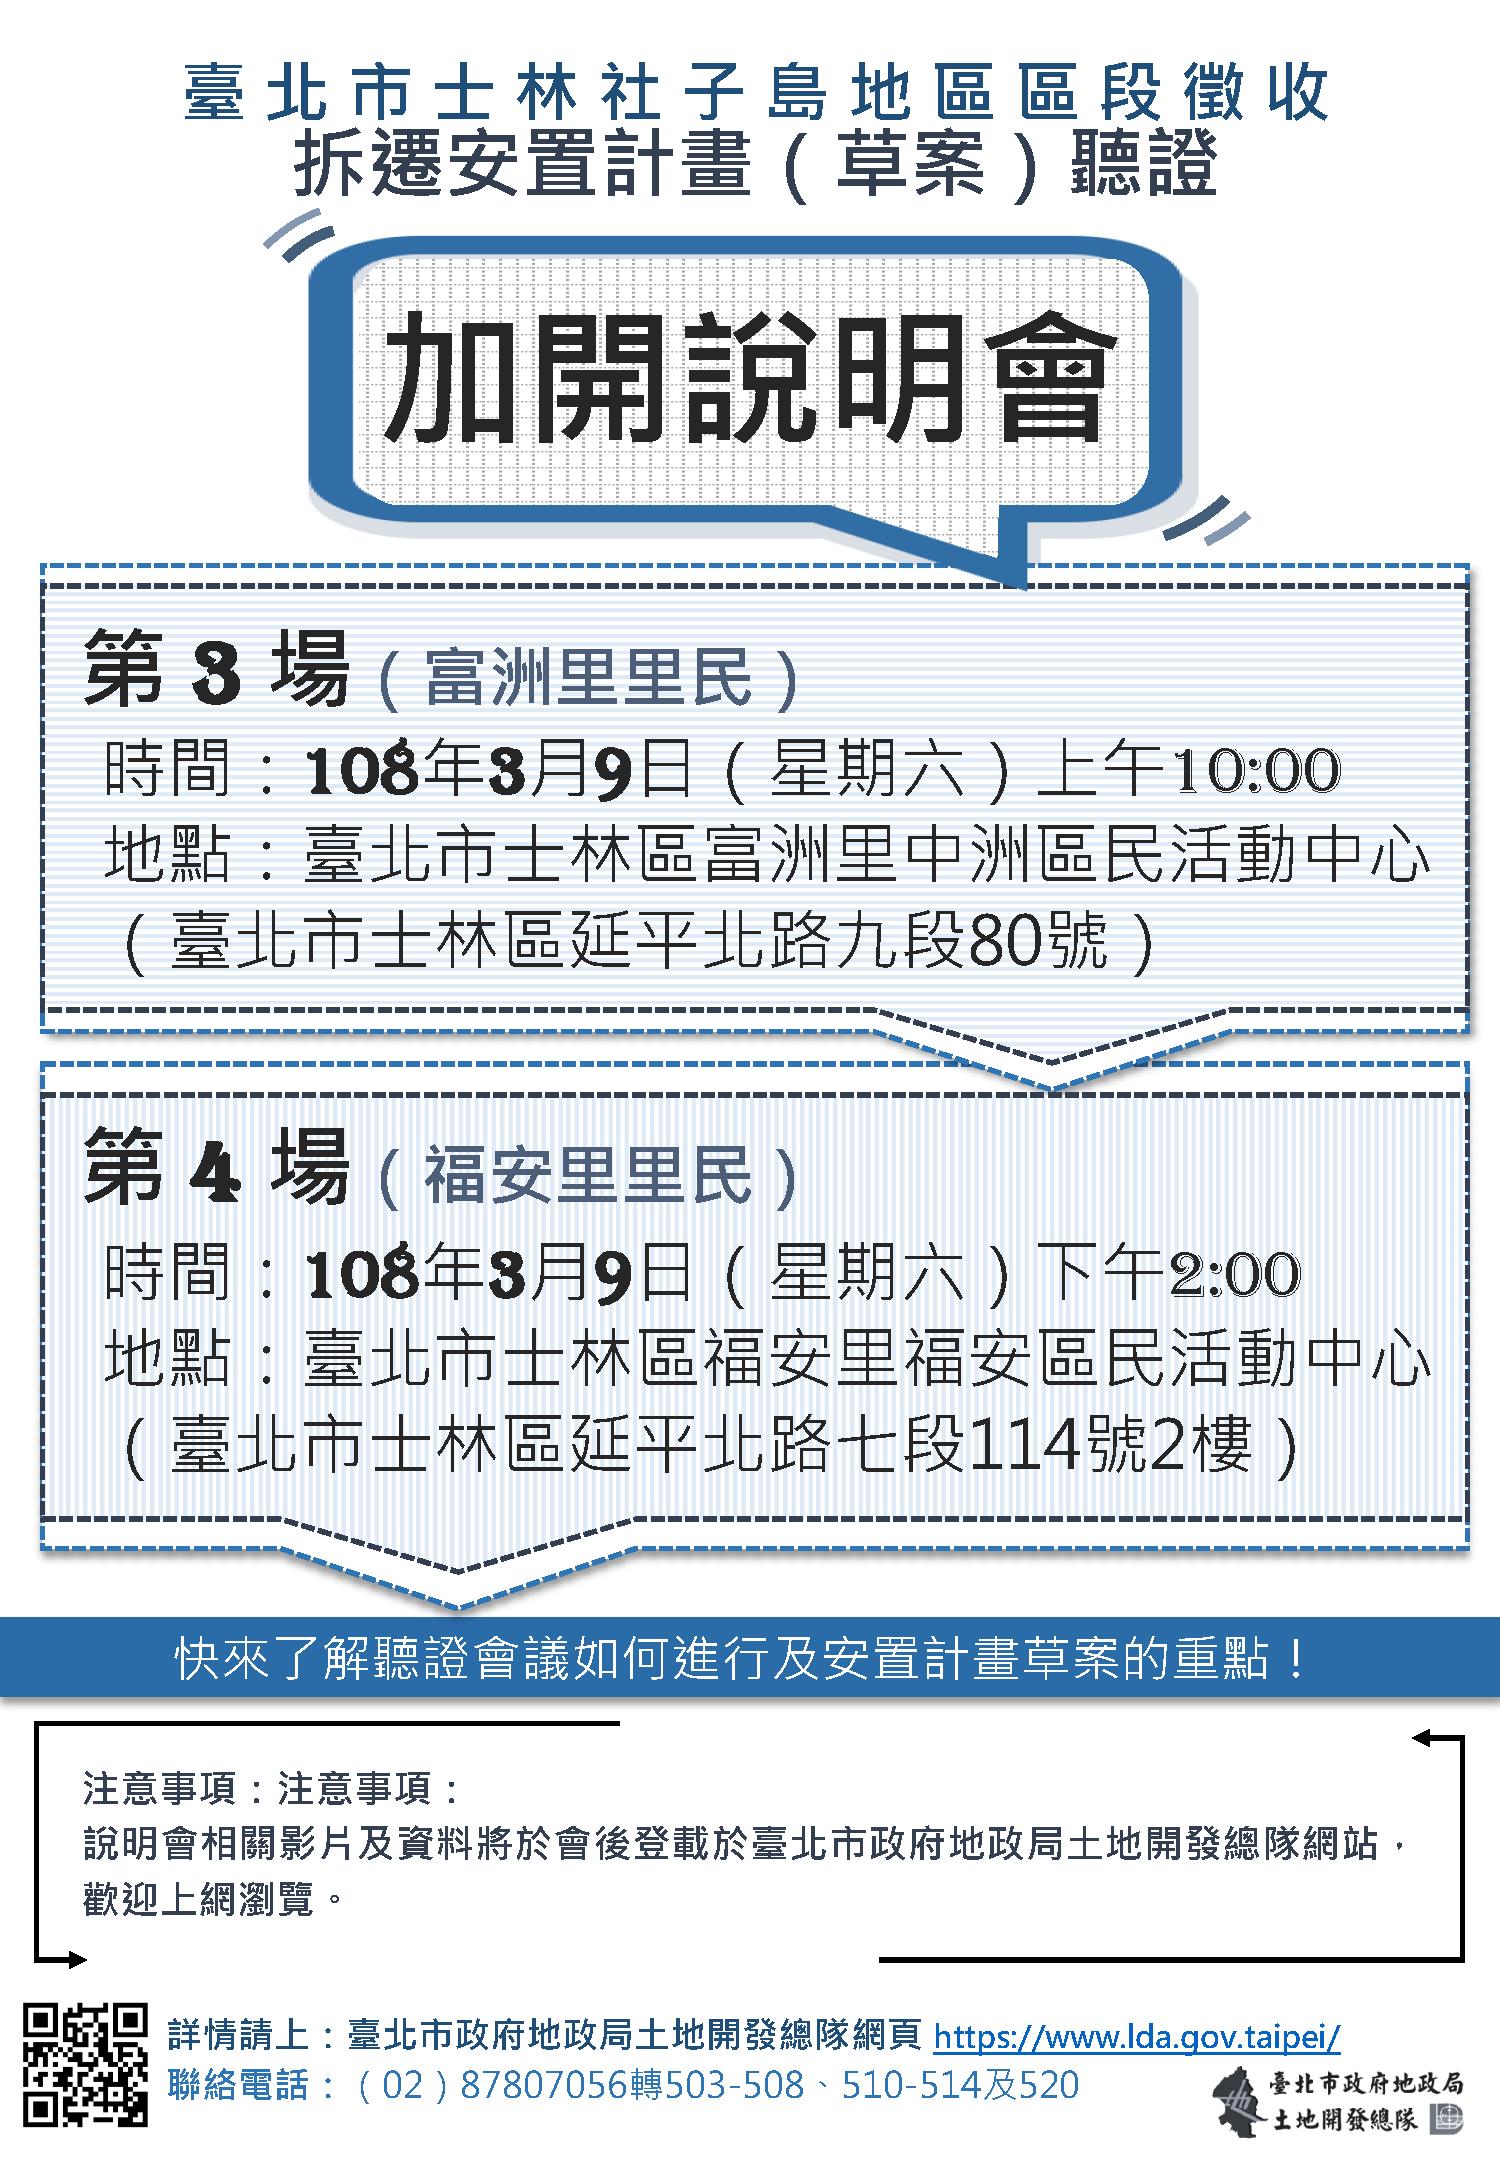 臺北市士林社子島地區區段徵收拆遷安置計畫(草案)聽證加開說明宣傳單